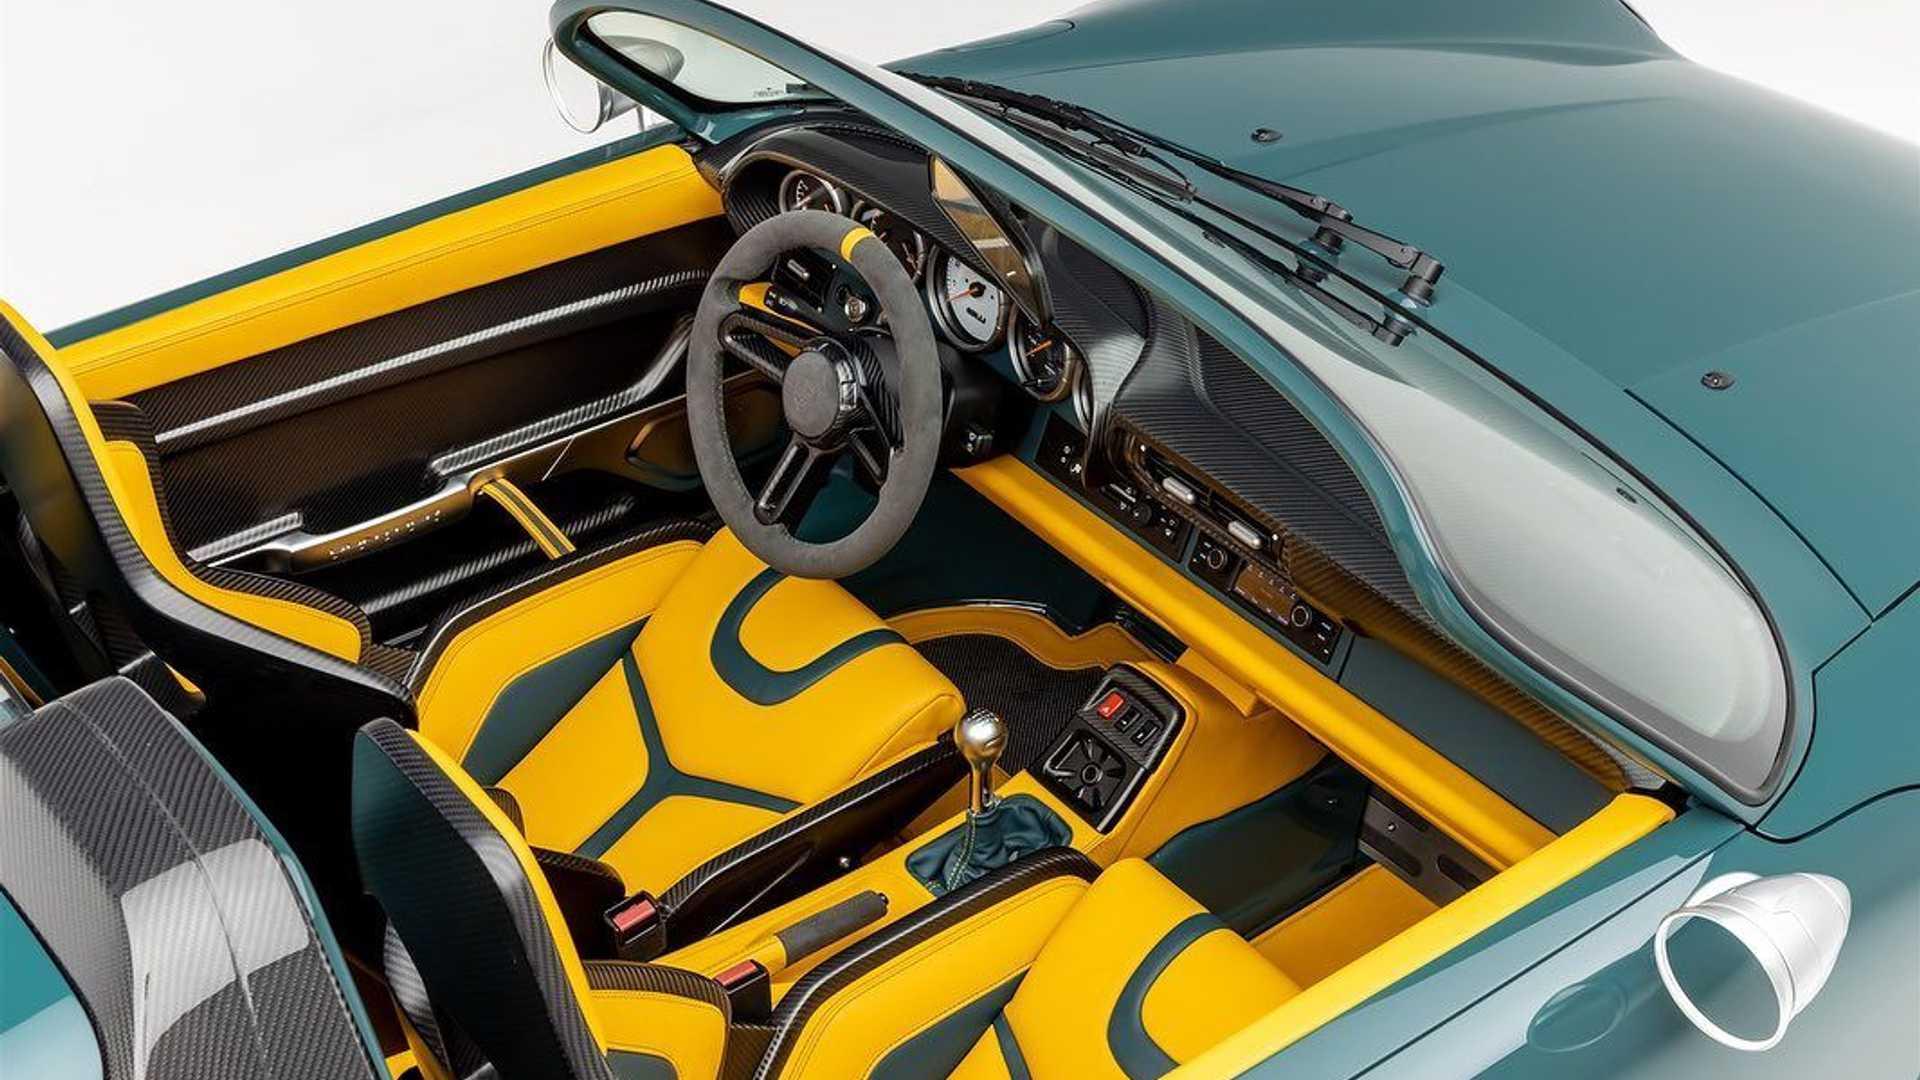 Porsche-911-993-Speedster-Remastered-by-Gunther-Werks-5